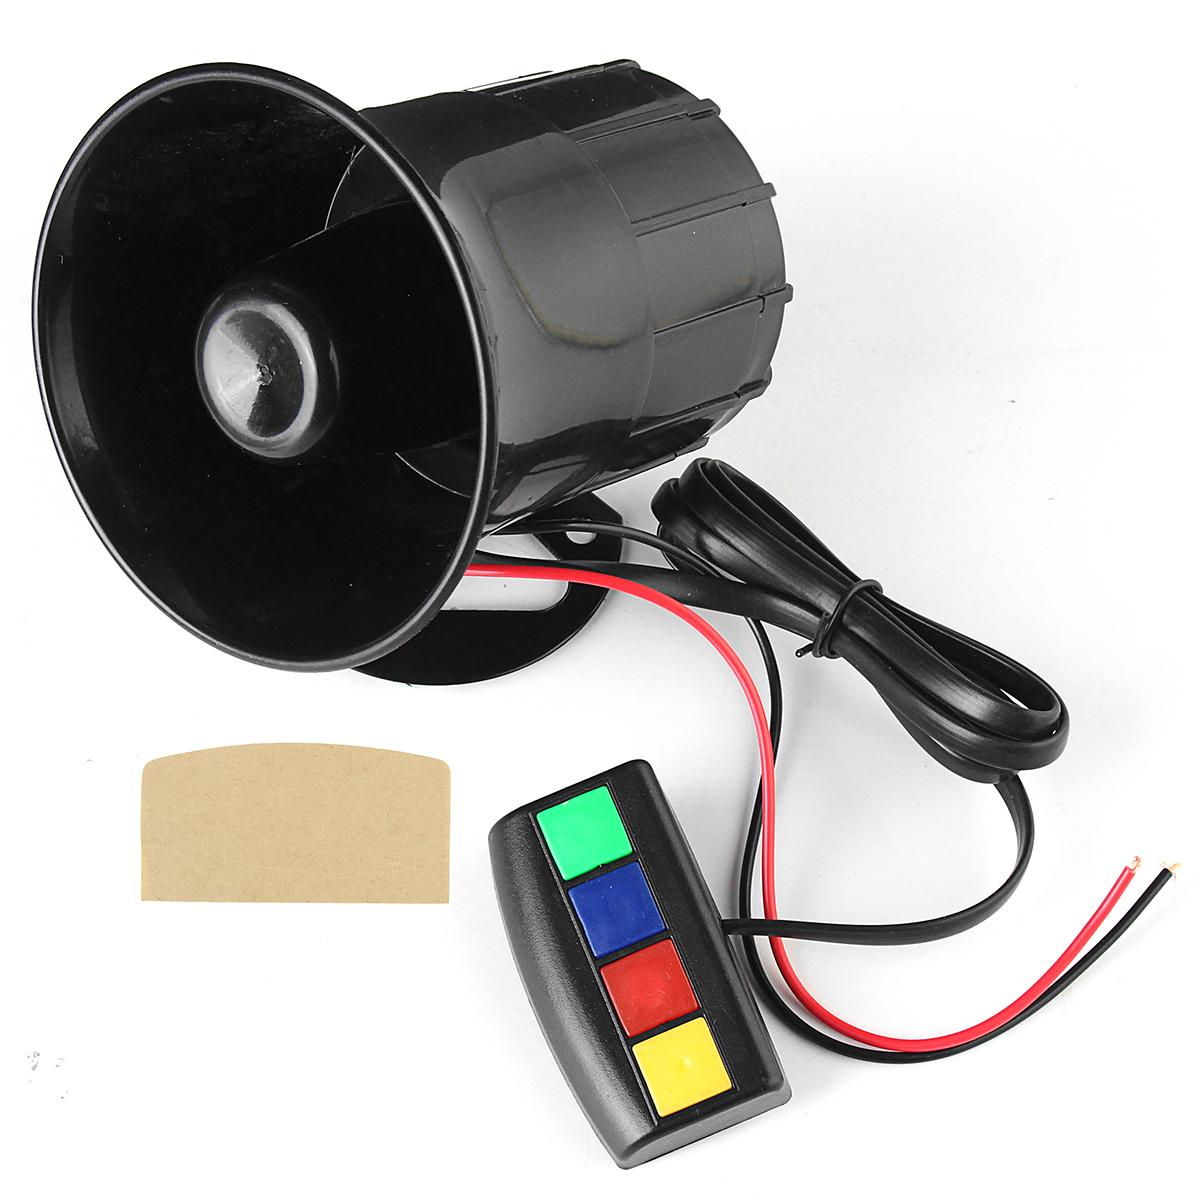 Звук Громкий 110дБ 30 Вт 12В Сигнализатор пожарной сигнализации Сирены для Авто мотоцикл RV